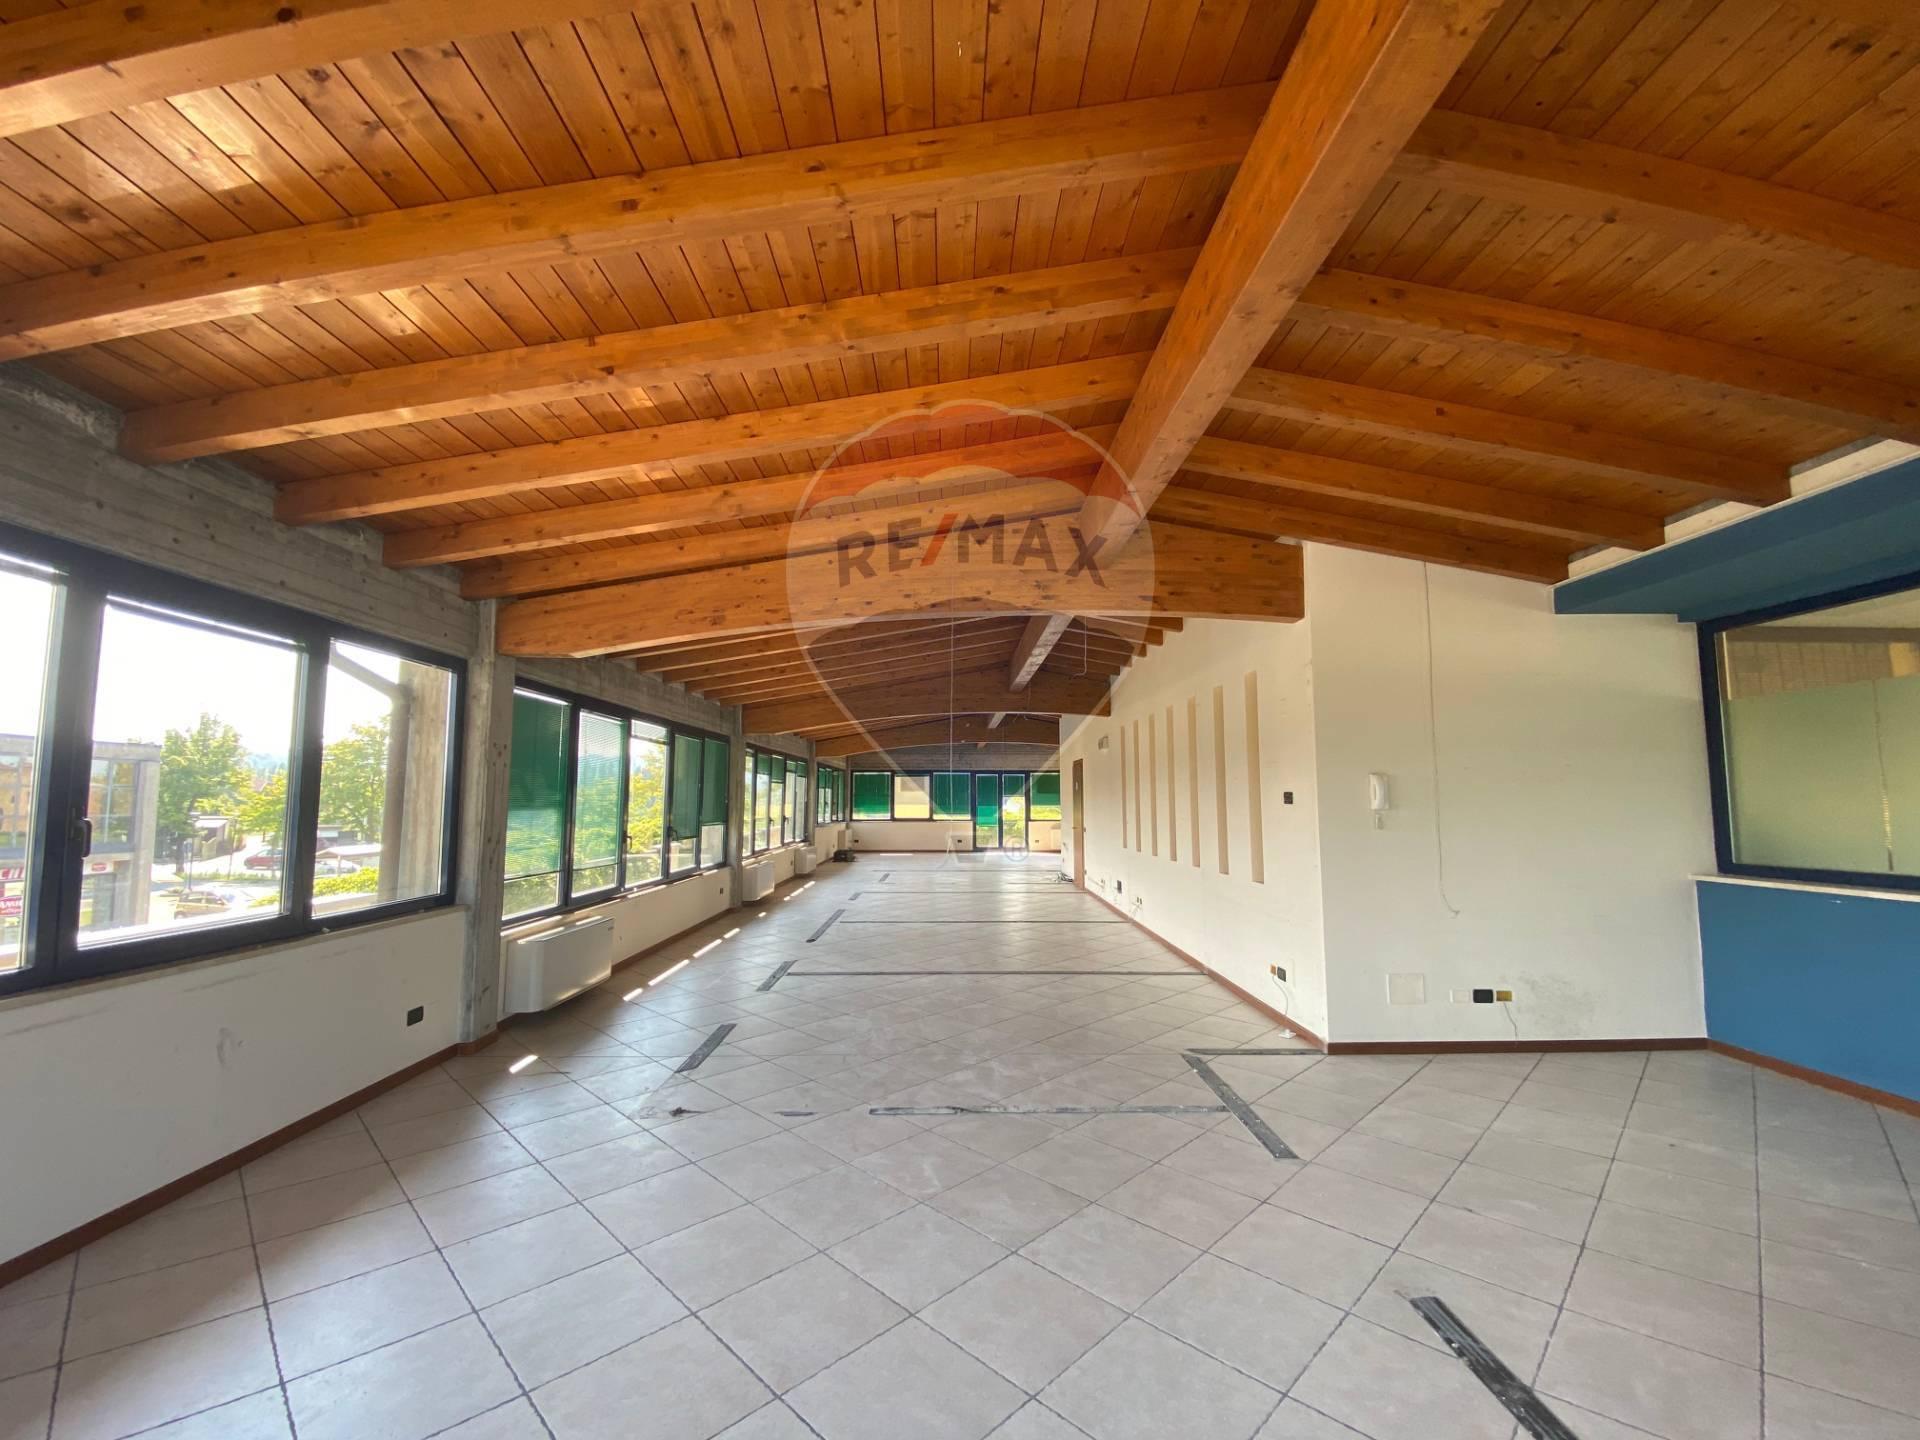 Attività / Licenza in affitto a Manerba del Garda, 9999 locali, prezzo € 2.000 | PortaleAgenzieImmobiliari.it